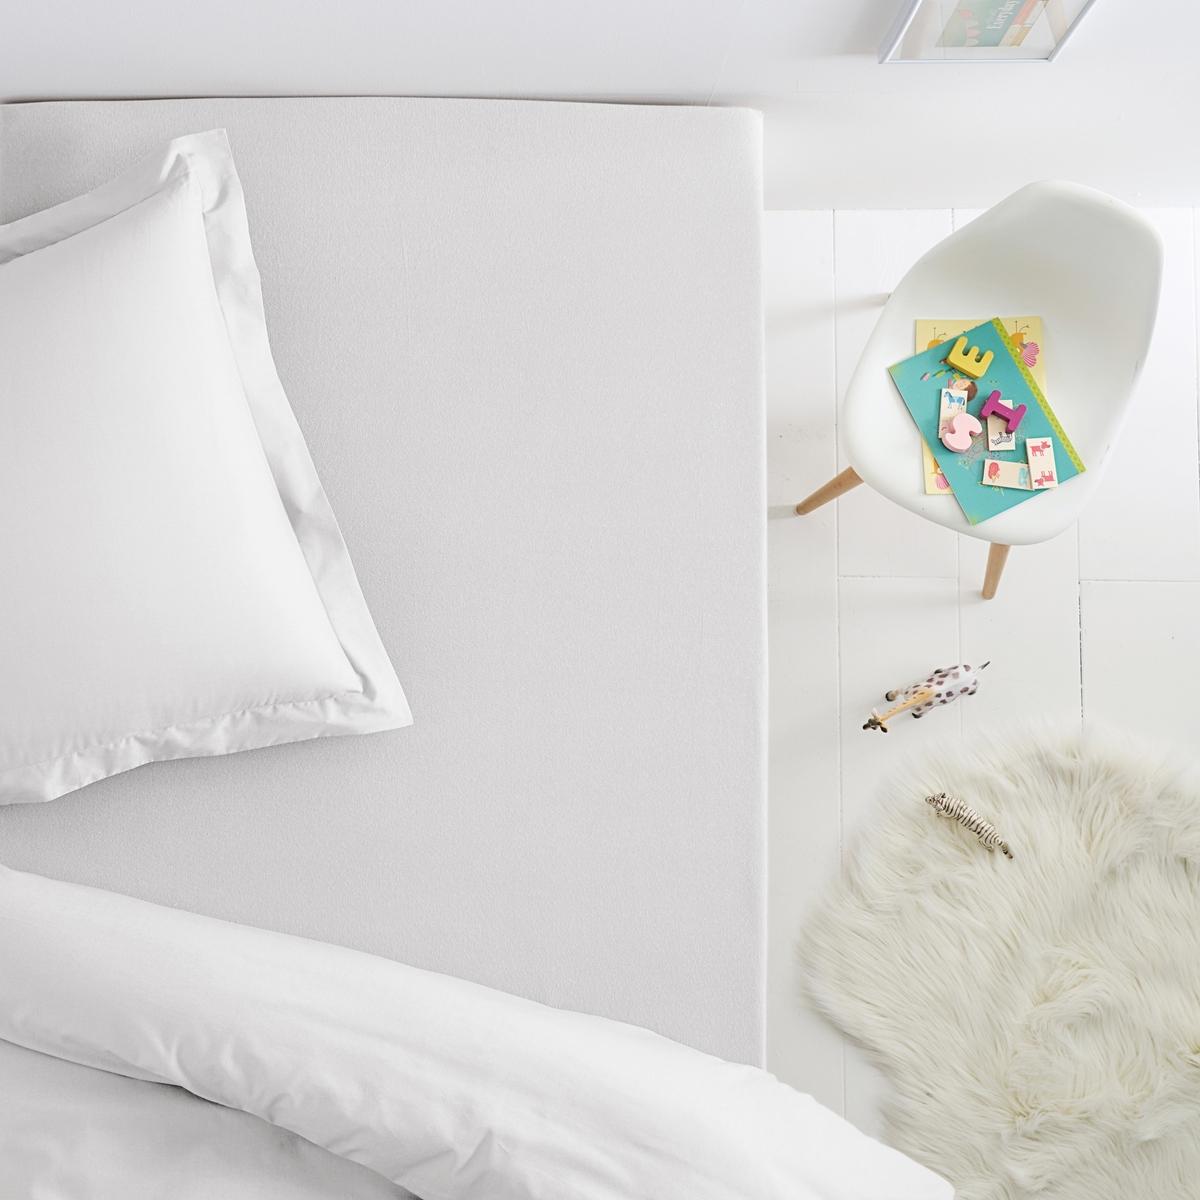 Натяжная простыня из джерси 100% хлопок для детской кроватиНатяжная простыня для детской кровати из джерси 100% хлопка, эластичная. Машинная стирка при 60 °C.Характеристики натяжной простыни джерси для детской кровати:-         Простыня выпускается в однотонной гамме оттенков, чтобы Вы могли сочетать с постельным бельём по Вашему настроению, желанию и по сезону!- Джерси 100% хлопок эластичный материал (130 г/см?).Стирка при 60°.                                                                                                                                                                                            Соответствие размеров натяжной простыни для детской кровати:                      90 x 140 см. : раскладная кровать                                 90 x 190 см   : 1-сп..                                                                                                                                                                                                                             Всю коллекцию Вы найдёте на сайтеSC?NARIO JERSEY COTON                                                                                                                        Знак Oeko-Tex® гарантирует, что товары протестированы и сертифицированы и не содержат вредных для здоровья веществ.<br><br>Цвет: антрацит,белый,бледный сине-зеленый,голубой бирюзовый,серый жемчужный<br>Размер: 90 x 140  см.90 x 140  см.90 x 190  см.90 x 190  см